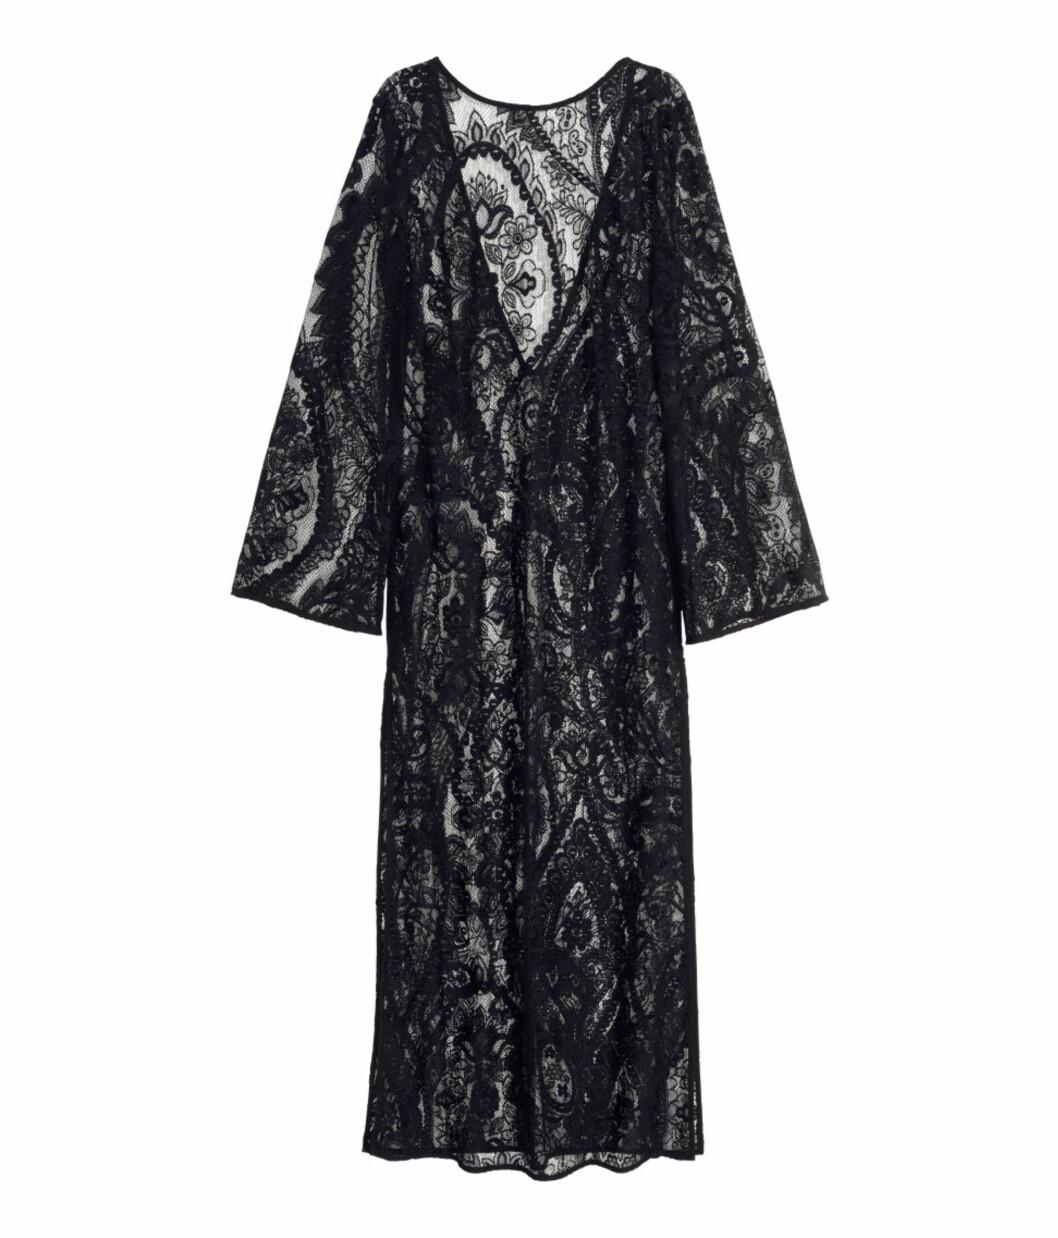 Kjole fra H&M, kr 150. Foto: Produsenten